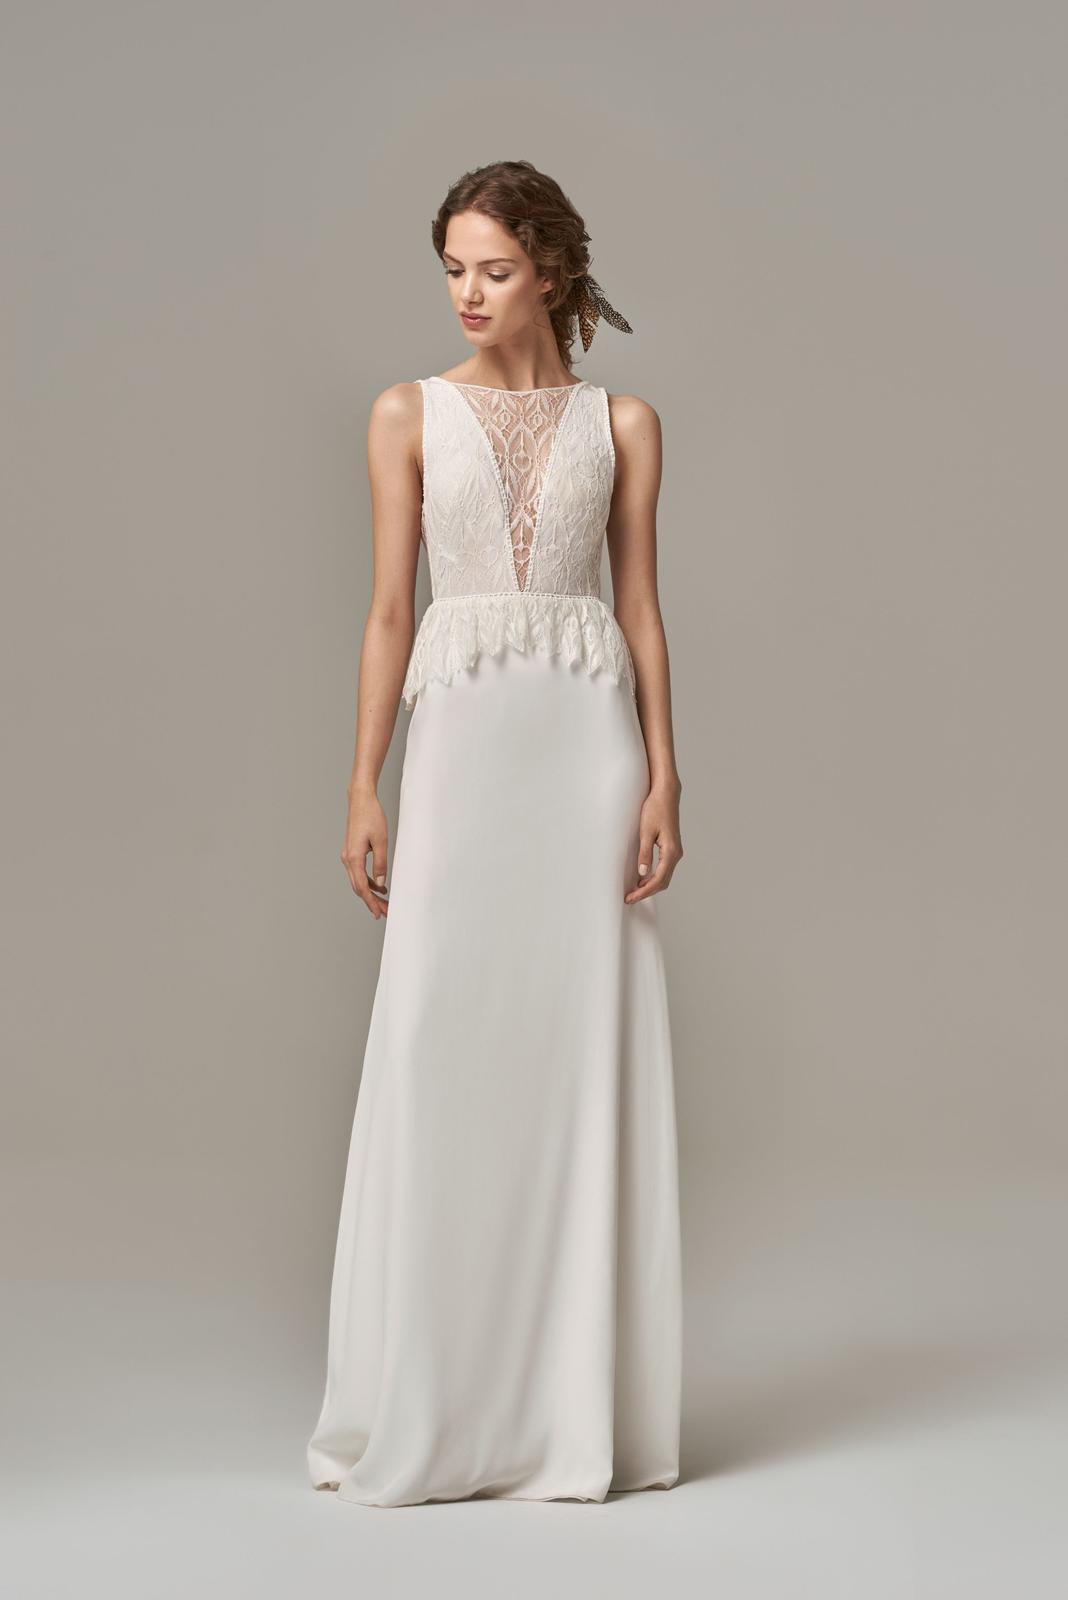 Anna Kara * Svadobné šaty z kolekcií na rok 2019 - Obrázok č. 45